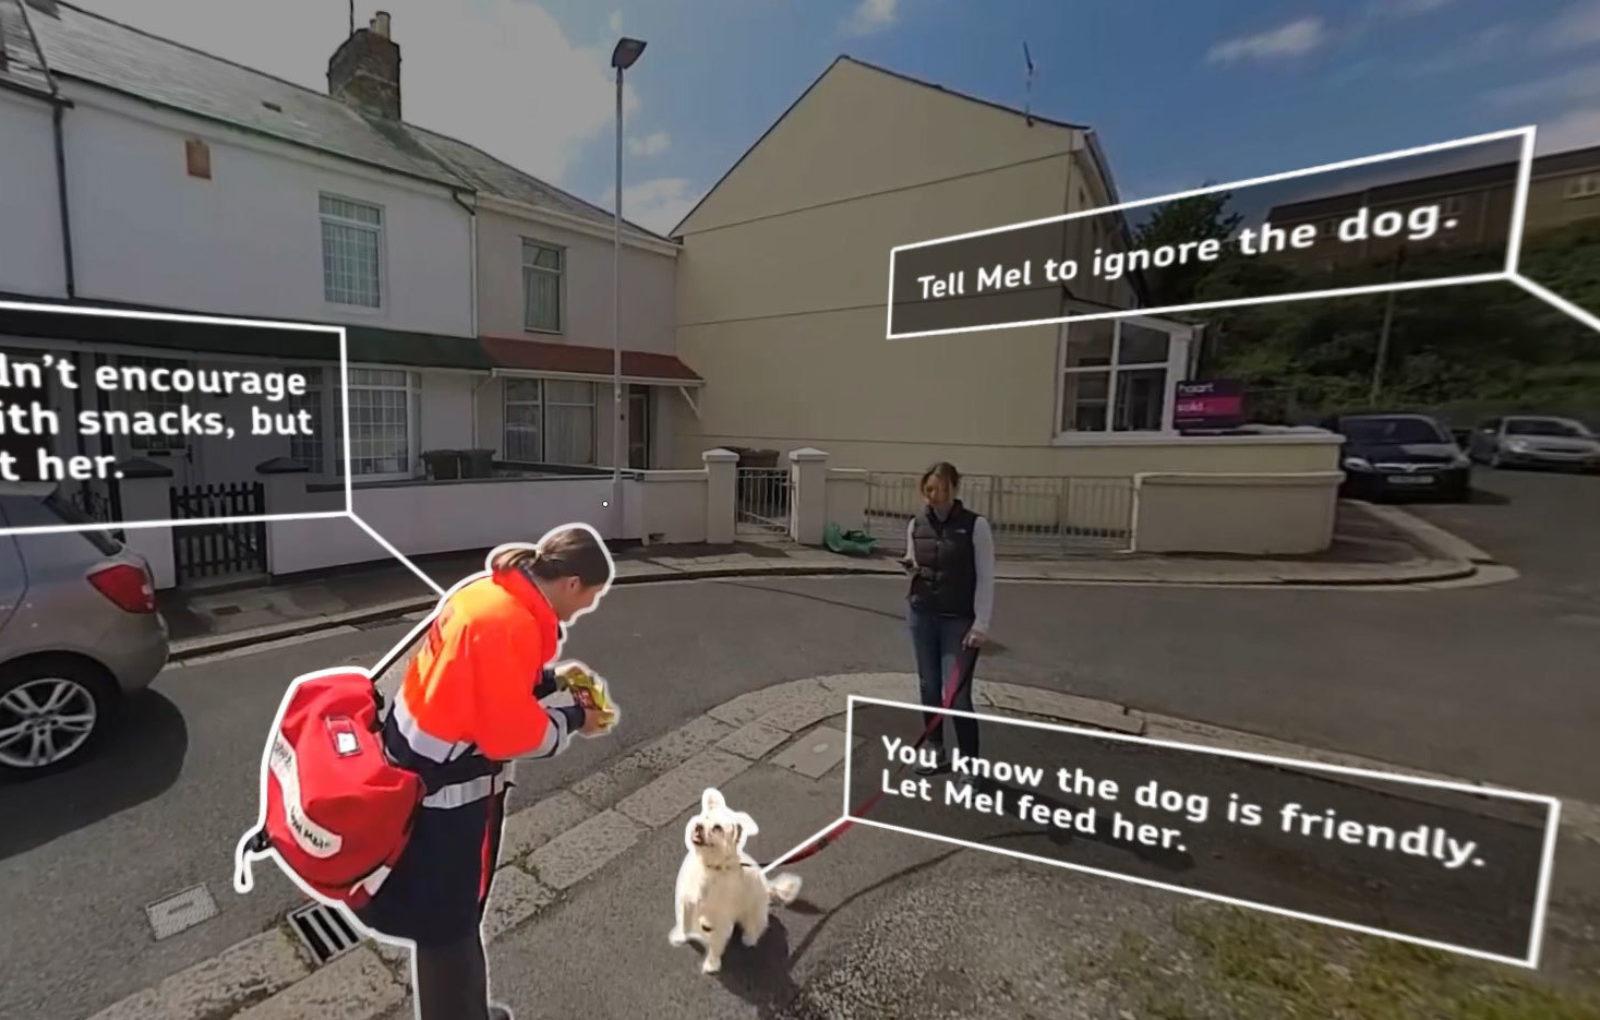 Sponge Vr Dog Safety Featured